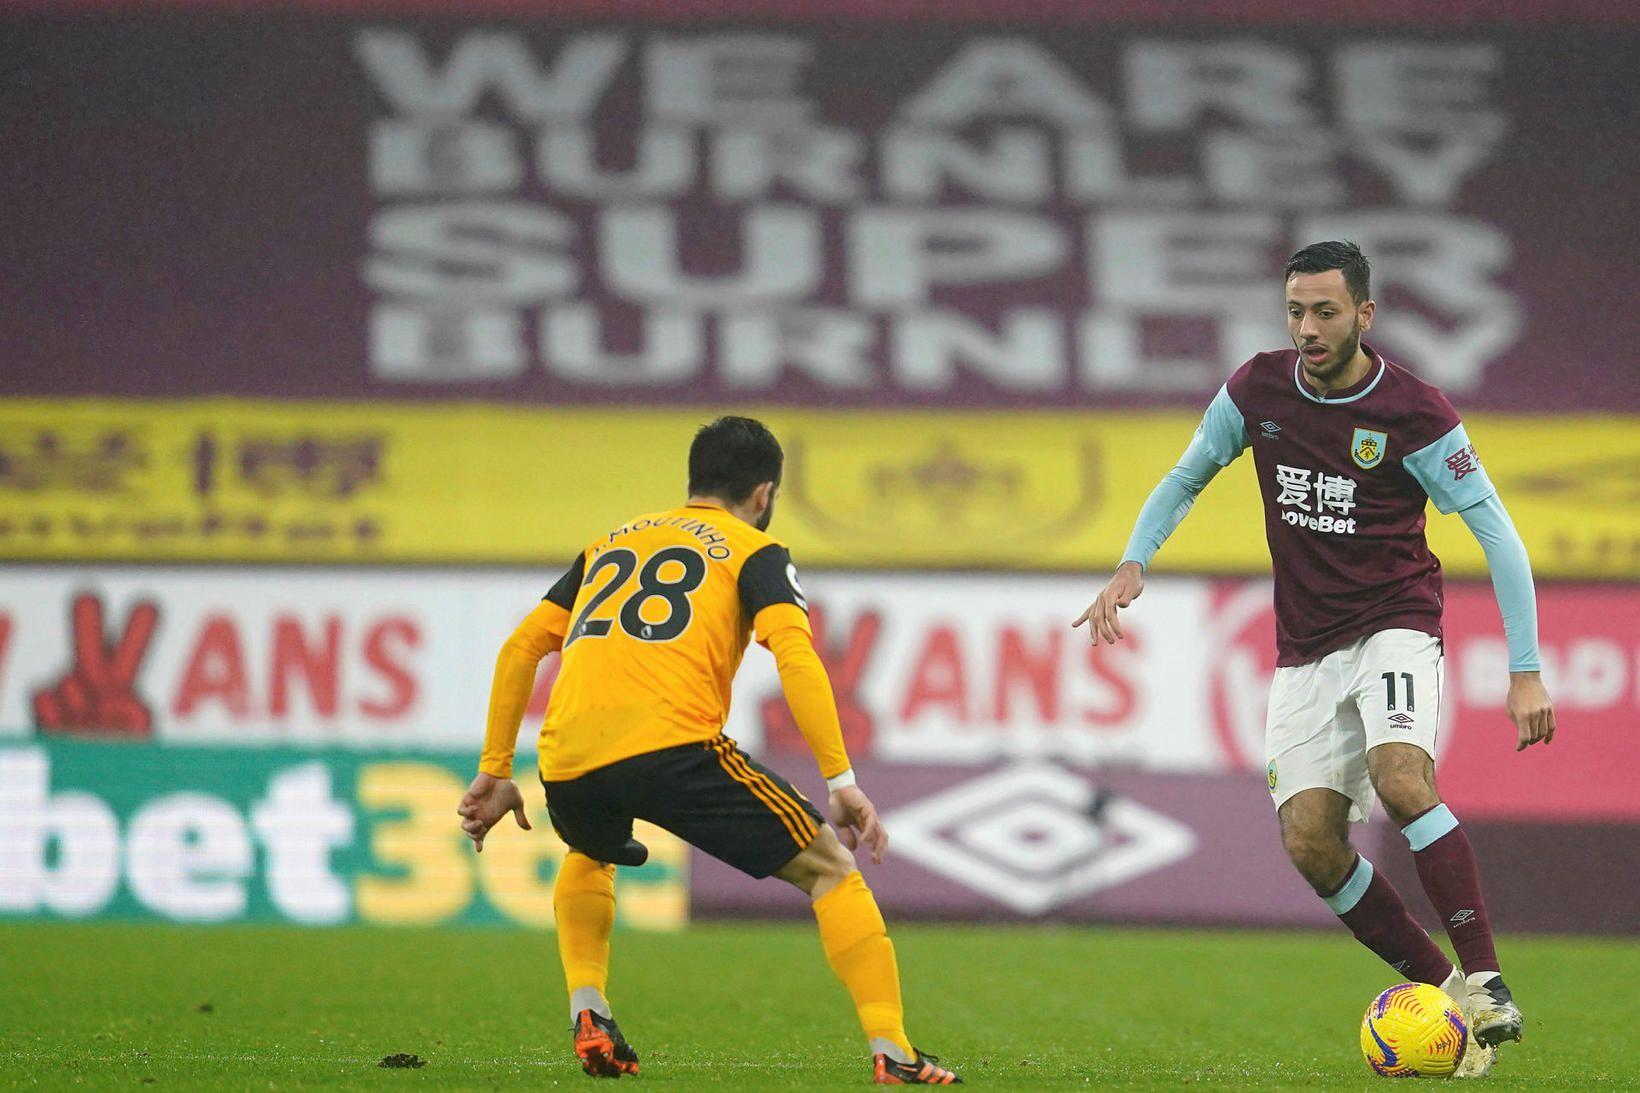 Burnley hafði betur gegn Wolves í mikilli rigningu.